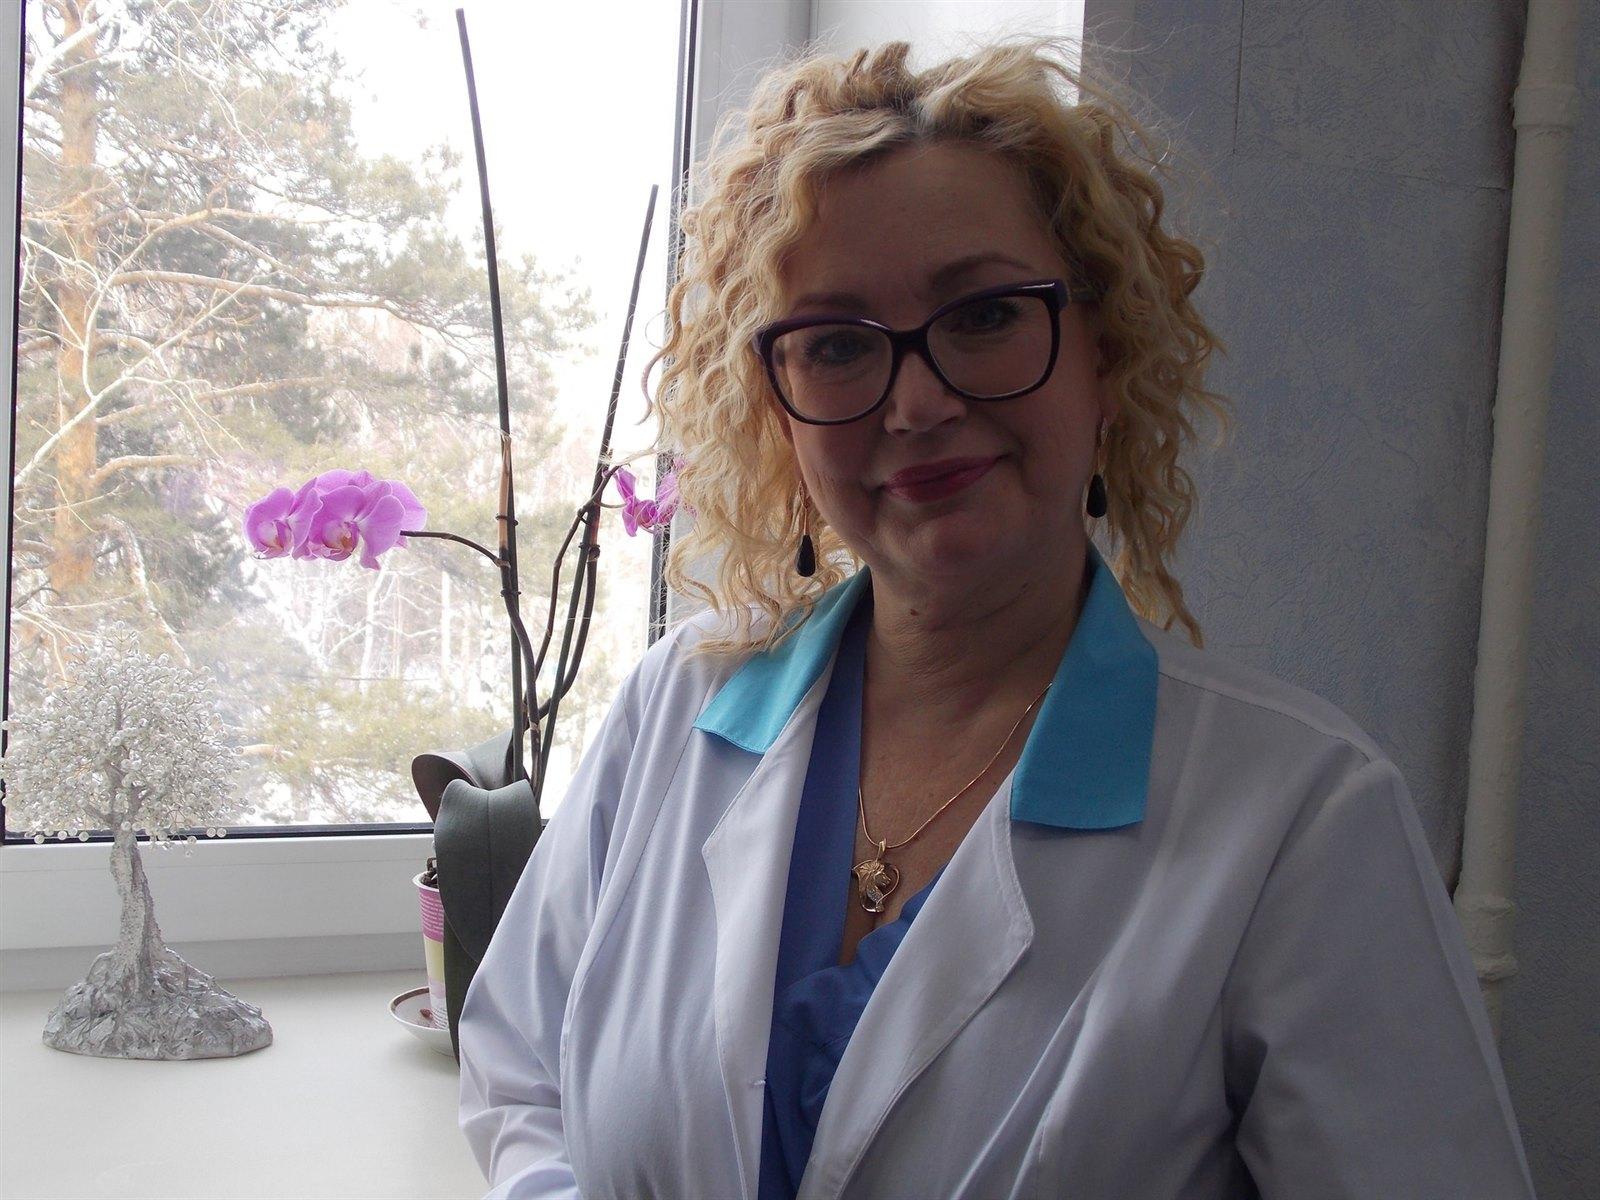 Медицинский центр здоровье нижний новгород кораблестроителей отзывы